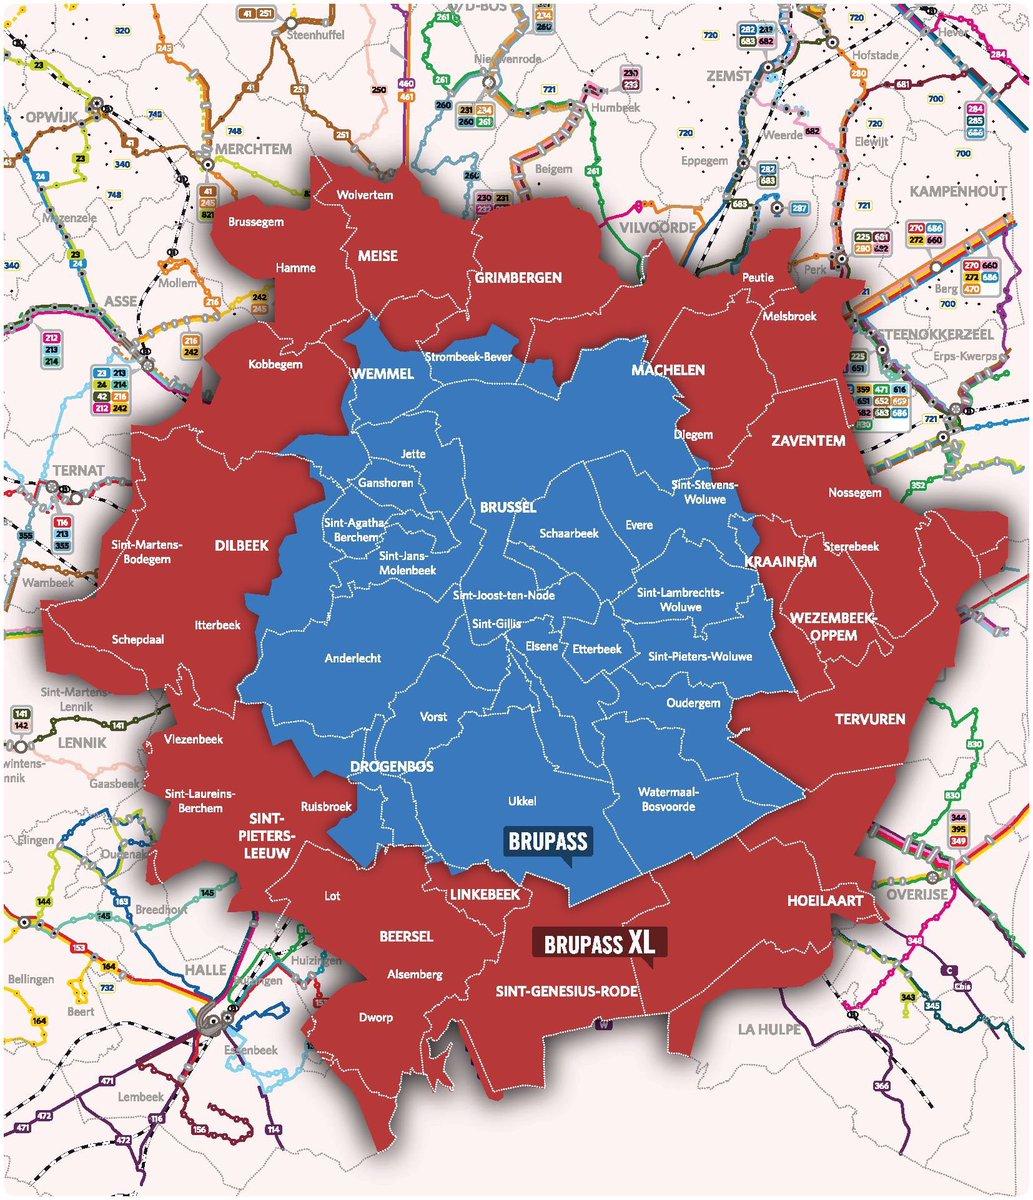 Nouveauté à partir du 01/02 : Brupass XL 🚇🚋🚌🚆  Voyagez avec un titre de transport à travers Bruxelles et sa périphérie élargie avec la STIB, De Lijn, SNCB et Le TEC. 😁  Plus d'infos ⏩